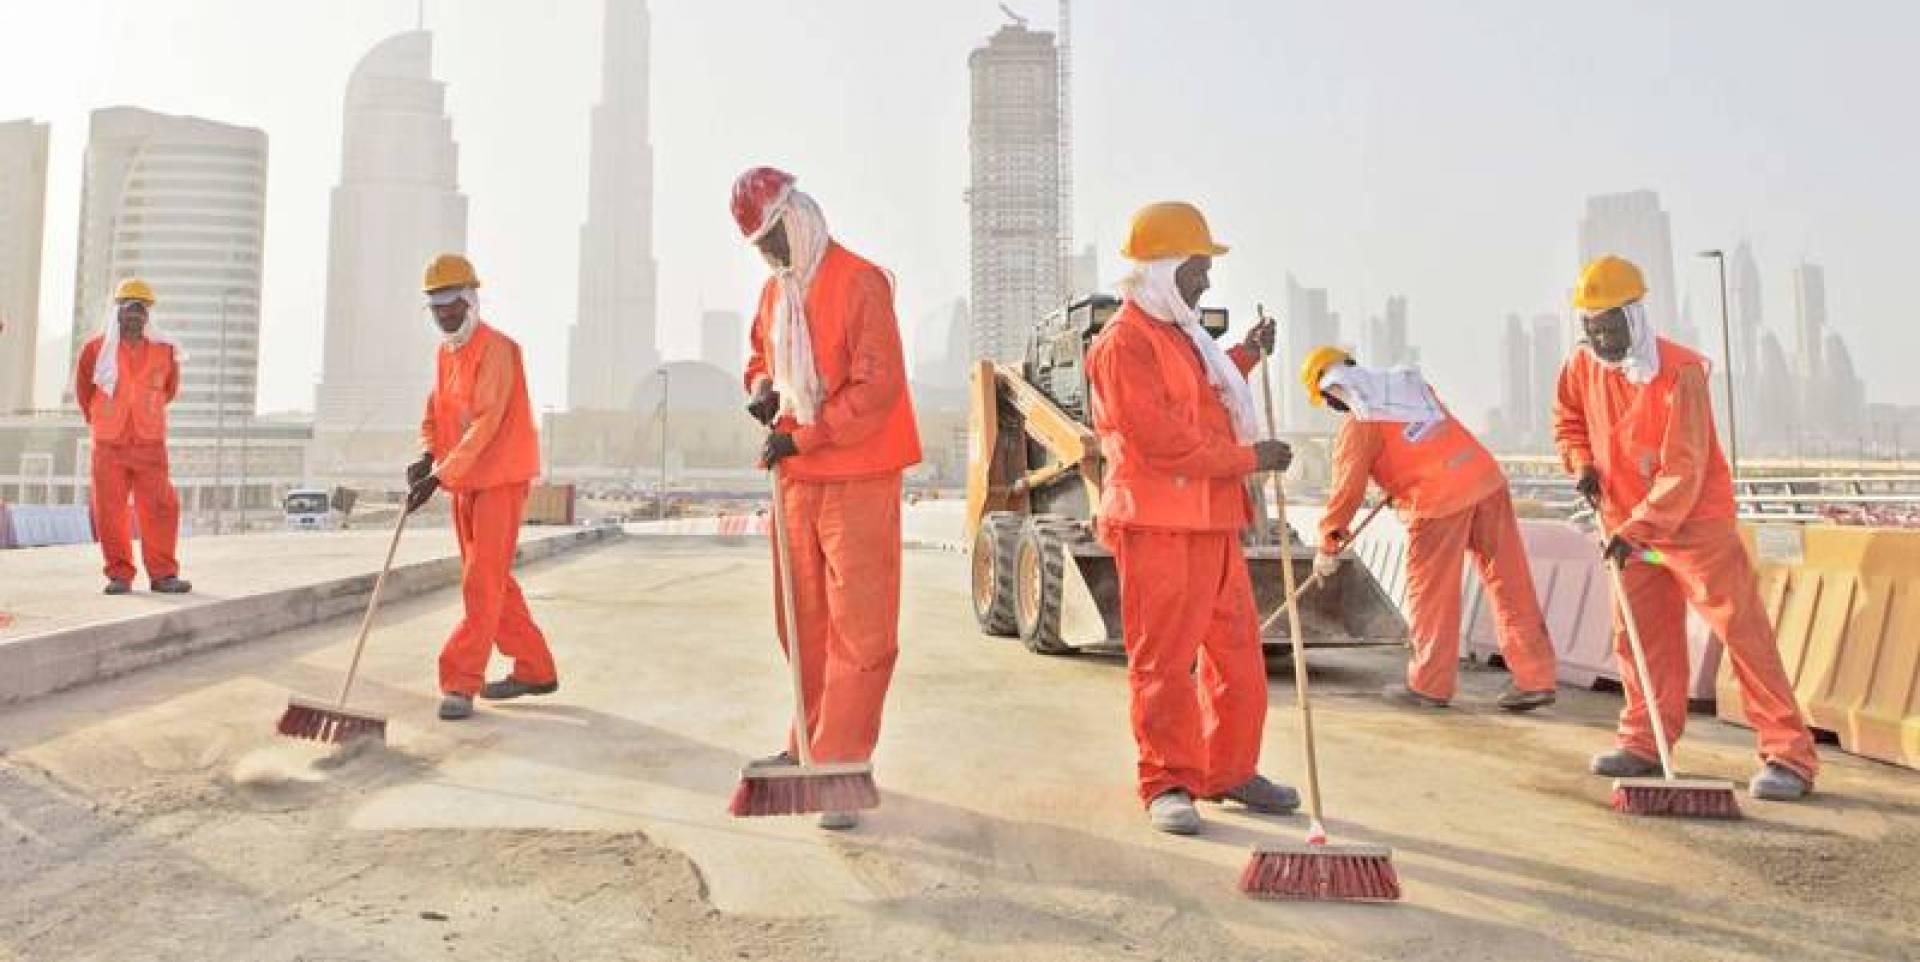 أخبار سيئة للاقتصاد في دبي بمغادرة الوافدين